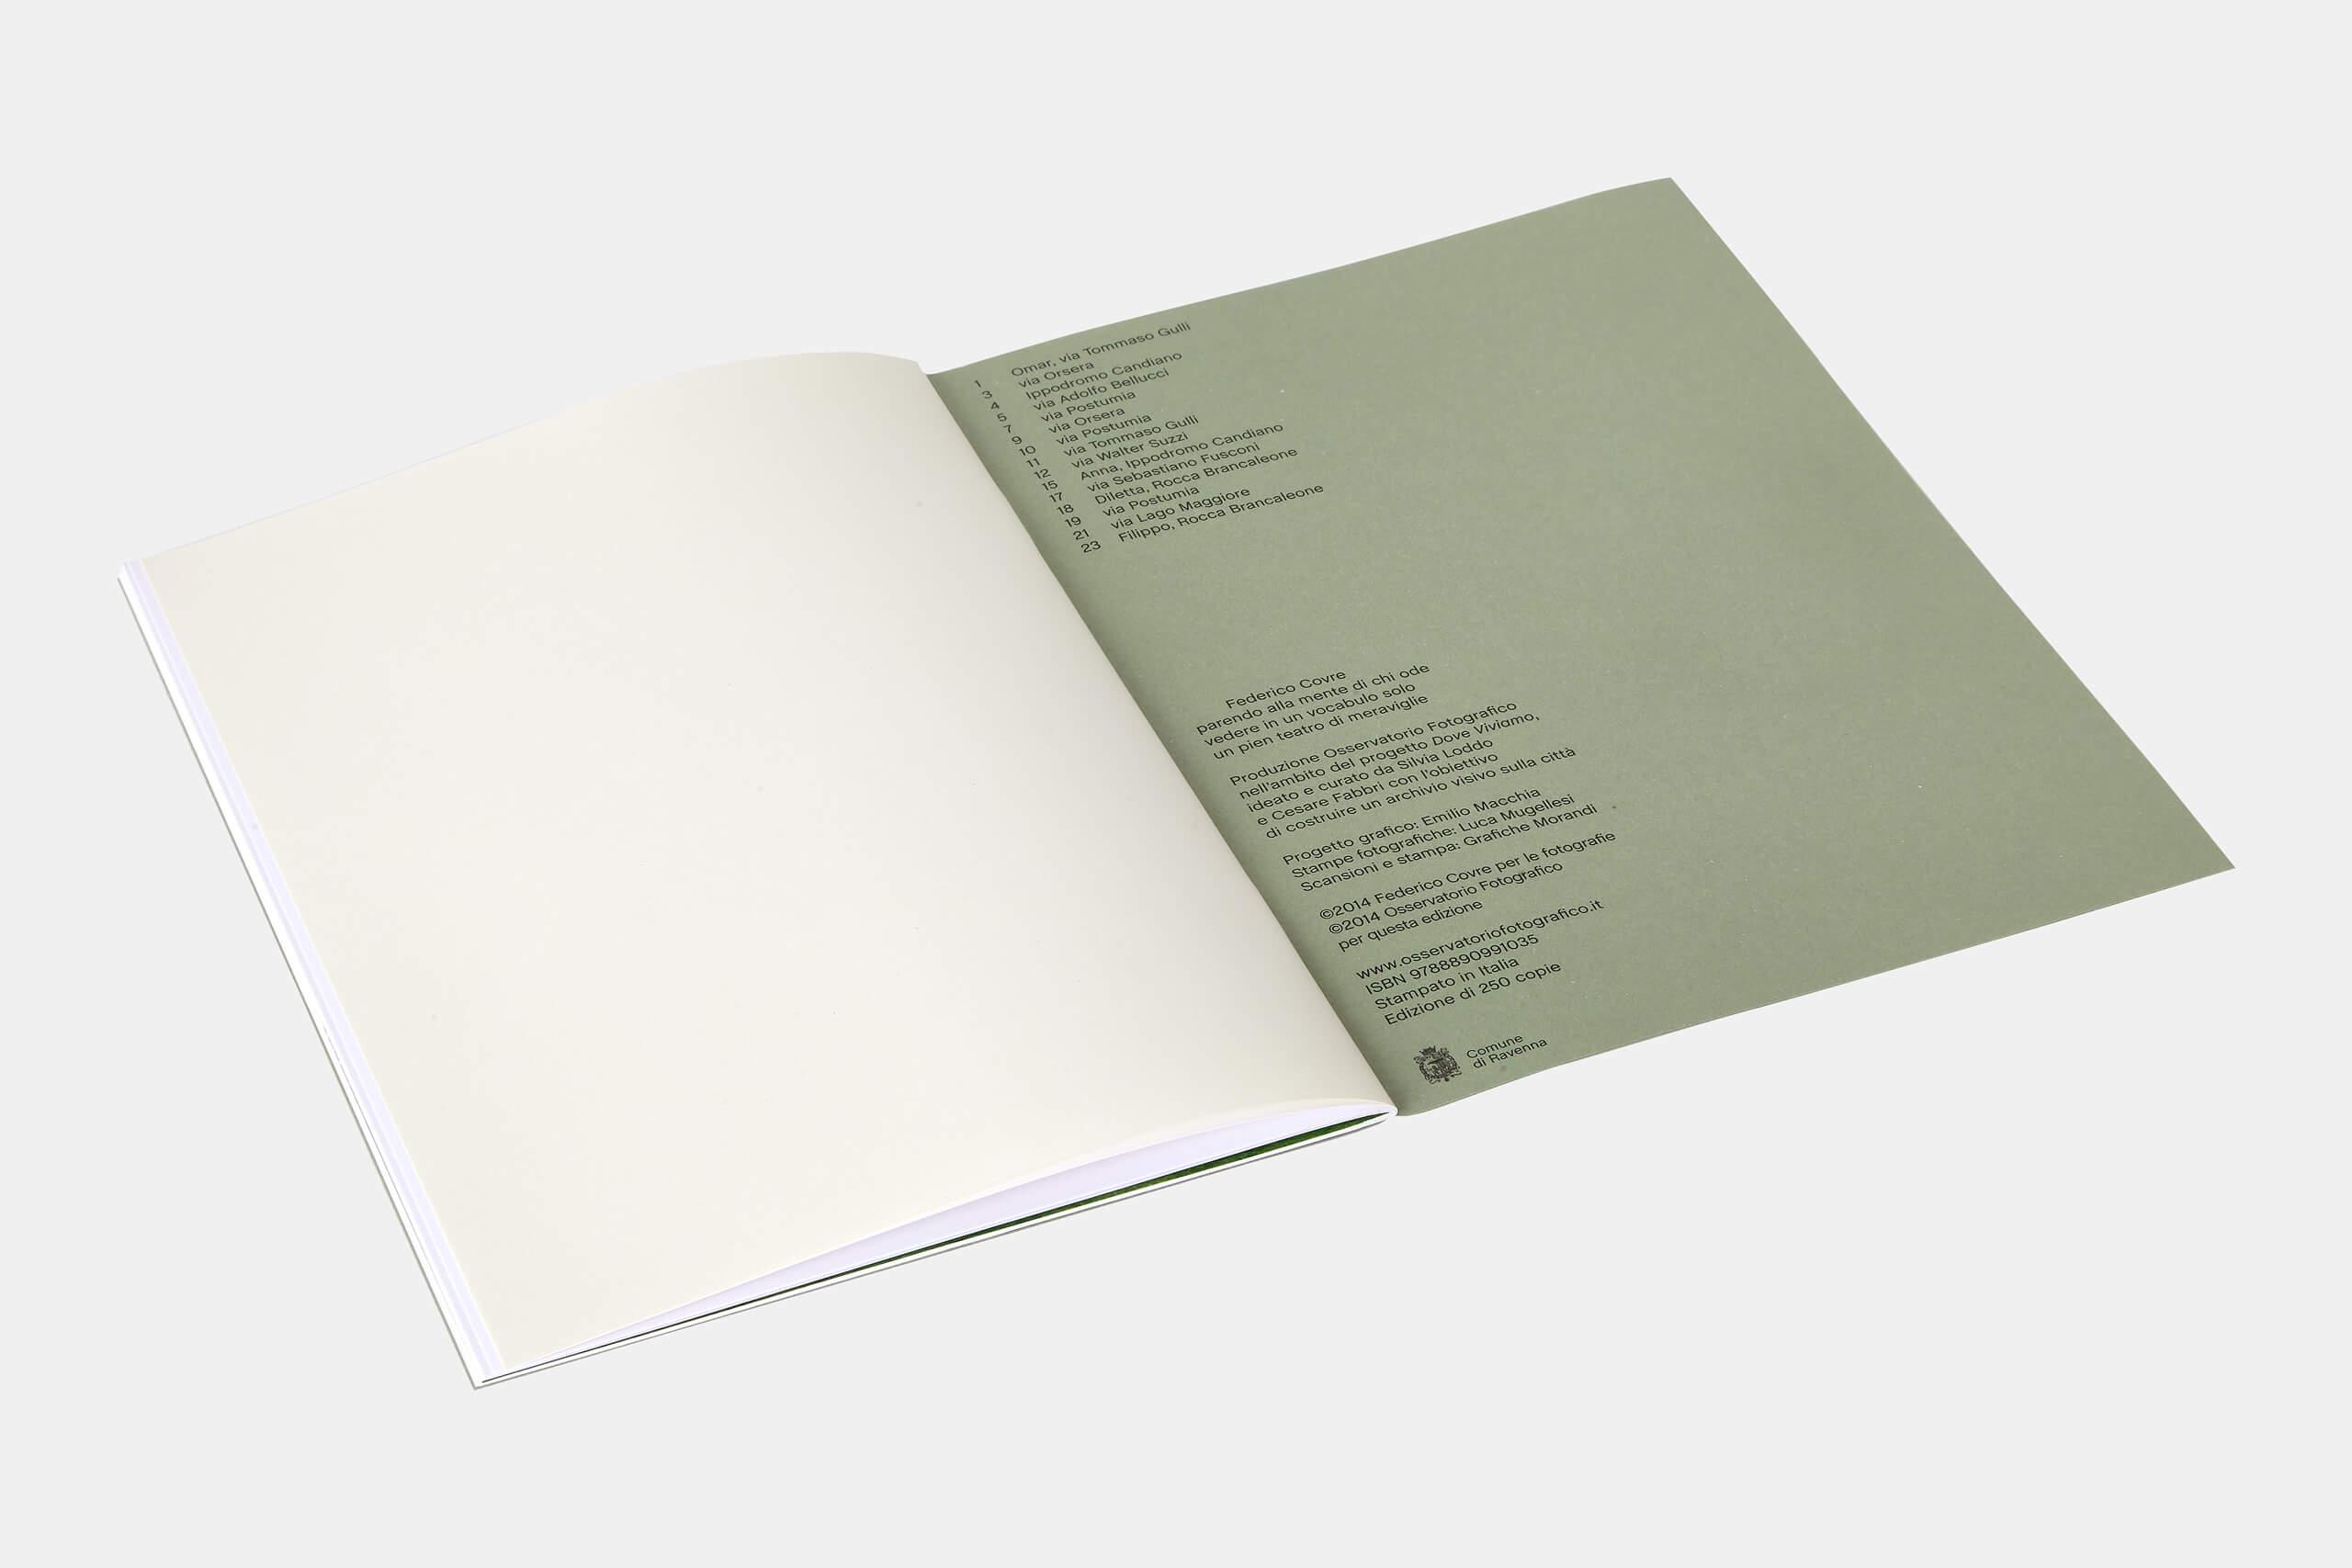 Federico_Covre_Parendo_Alla_Mente_Book_Osservatorio_Fotografico_2014_17